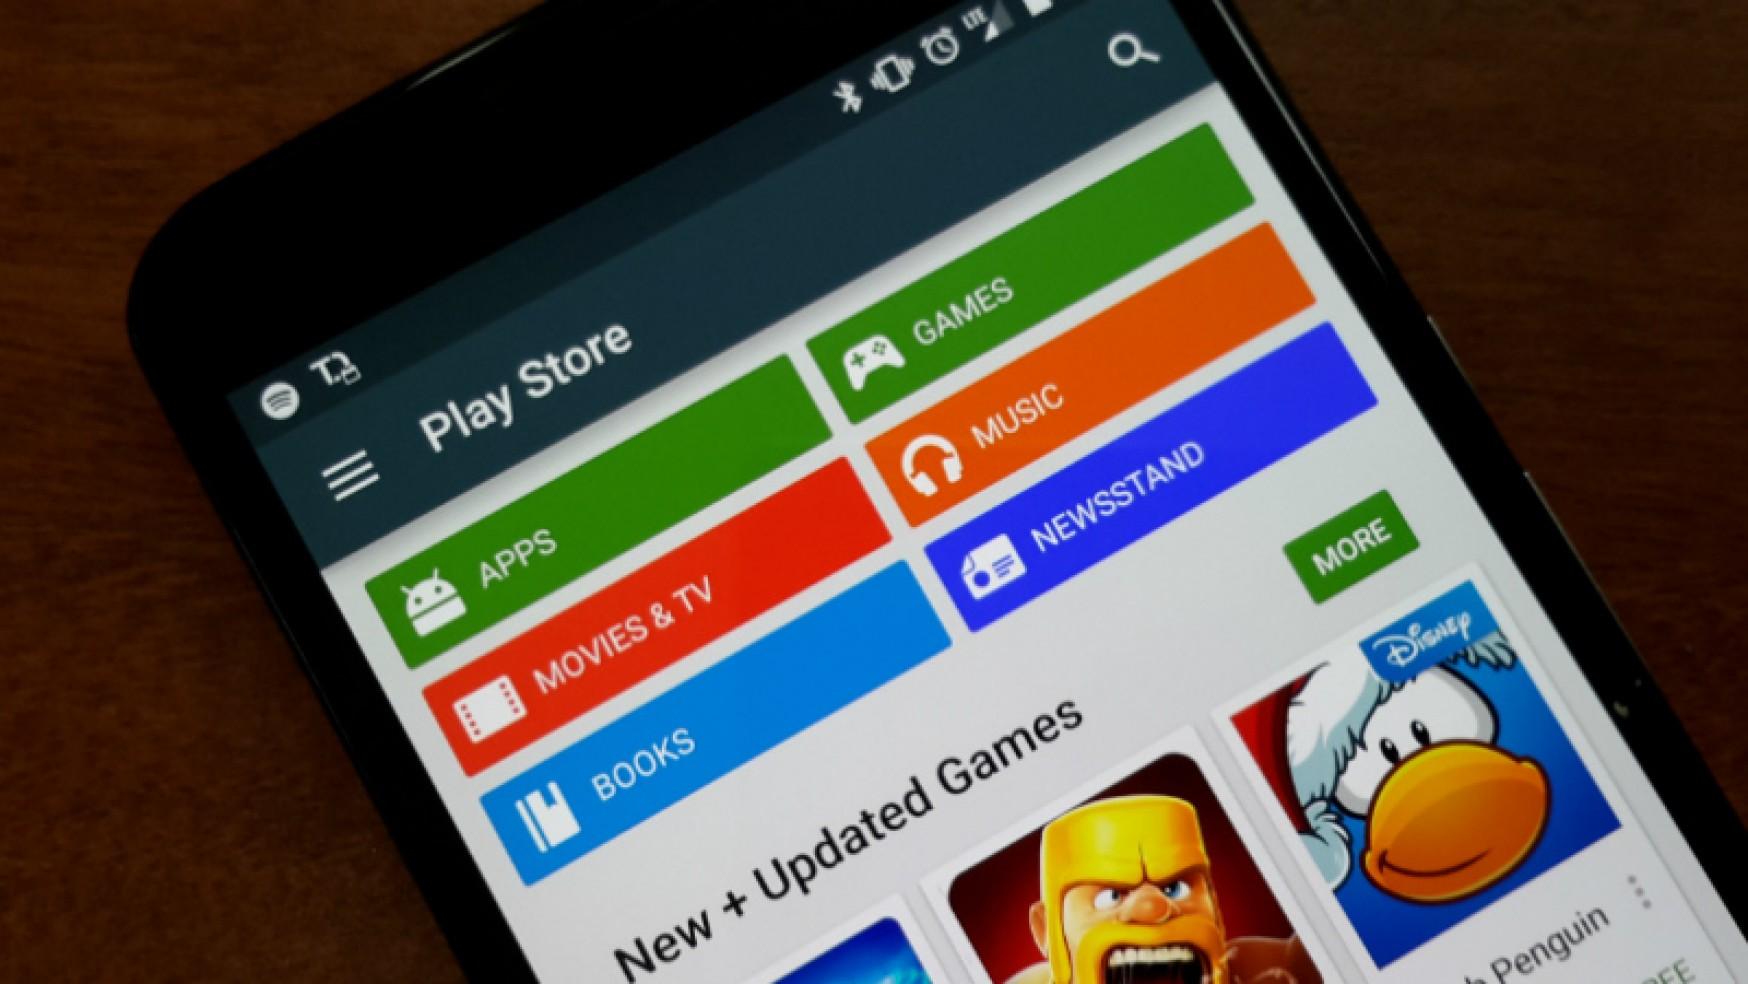 Ahora podrás invertir tu dinero en apps y juegos que realmente valgan la pena